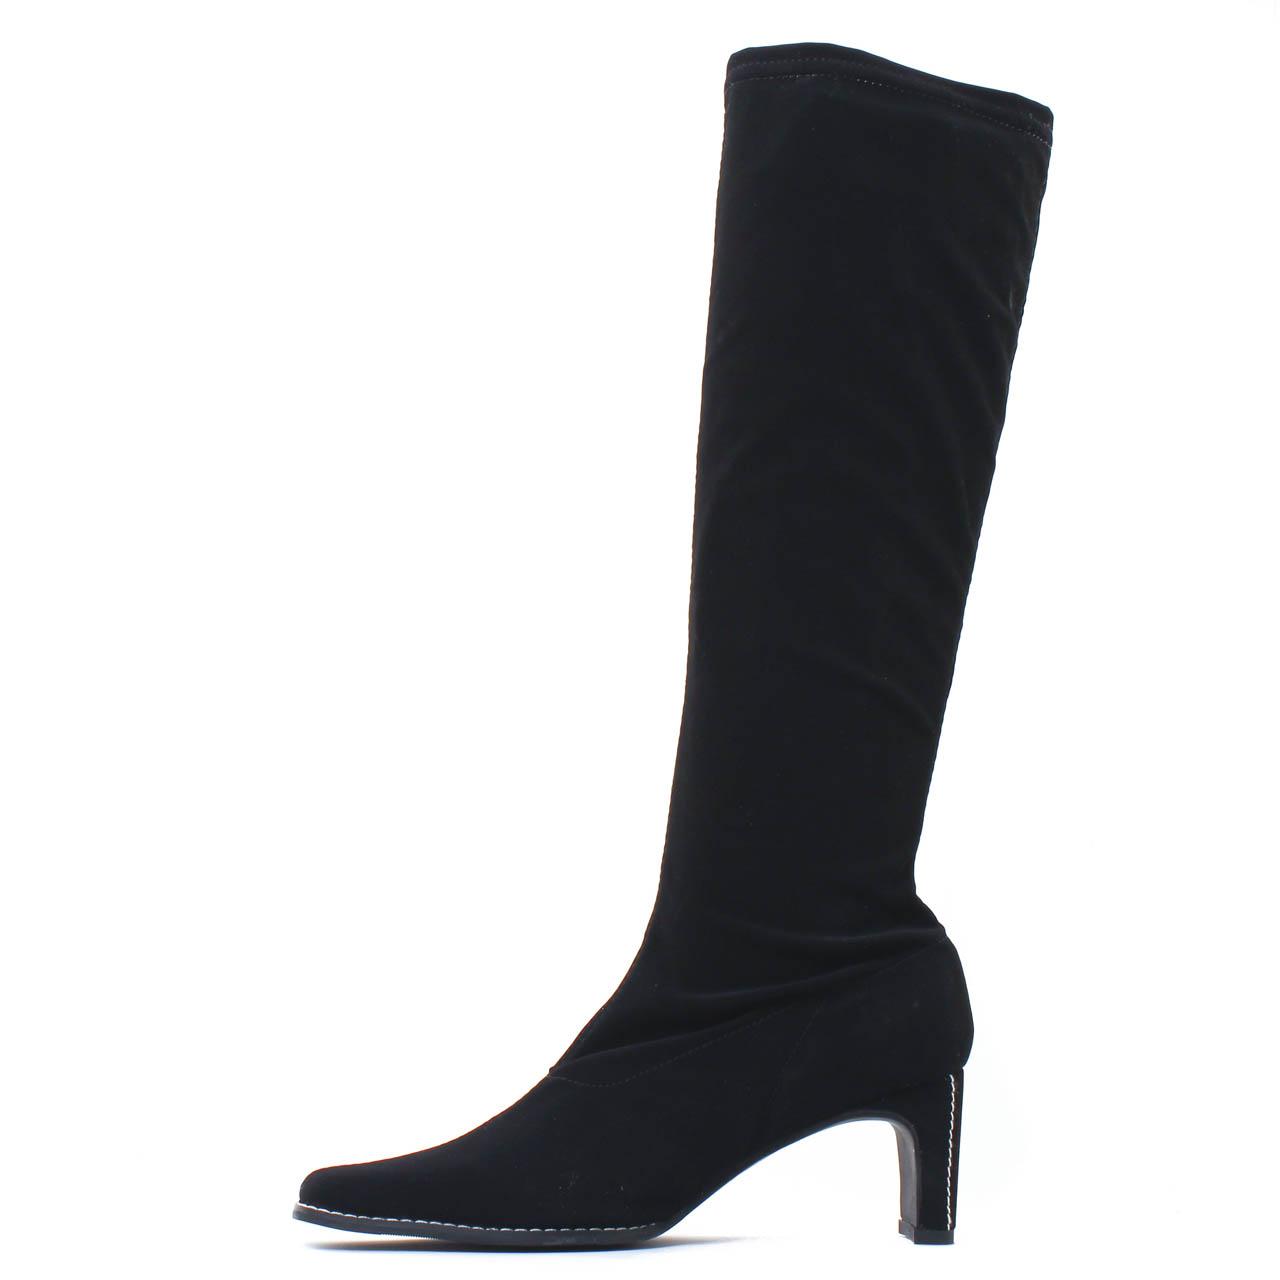 chaussures de sport d8870 d5977 Fugitive Fanfan Stretch Nubuck Noir | botte stretch noir ...